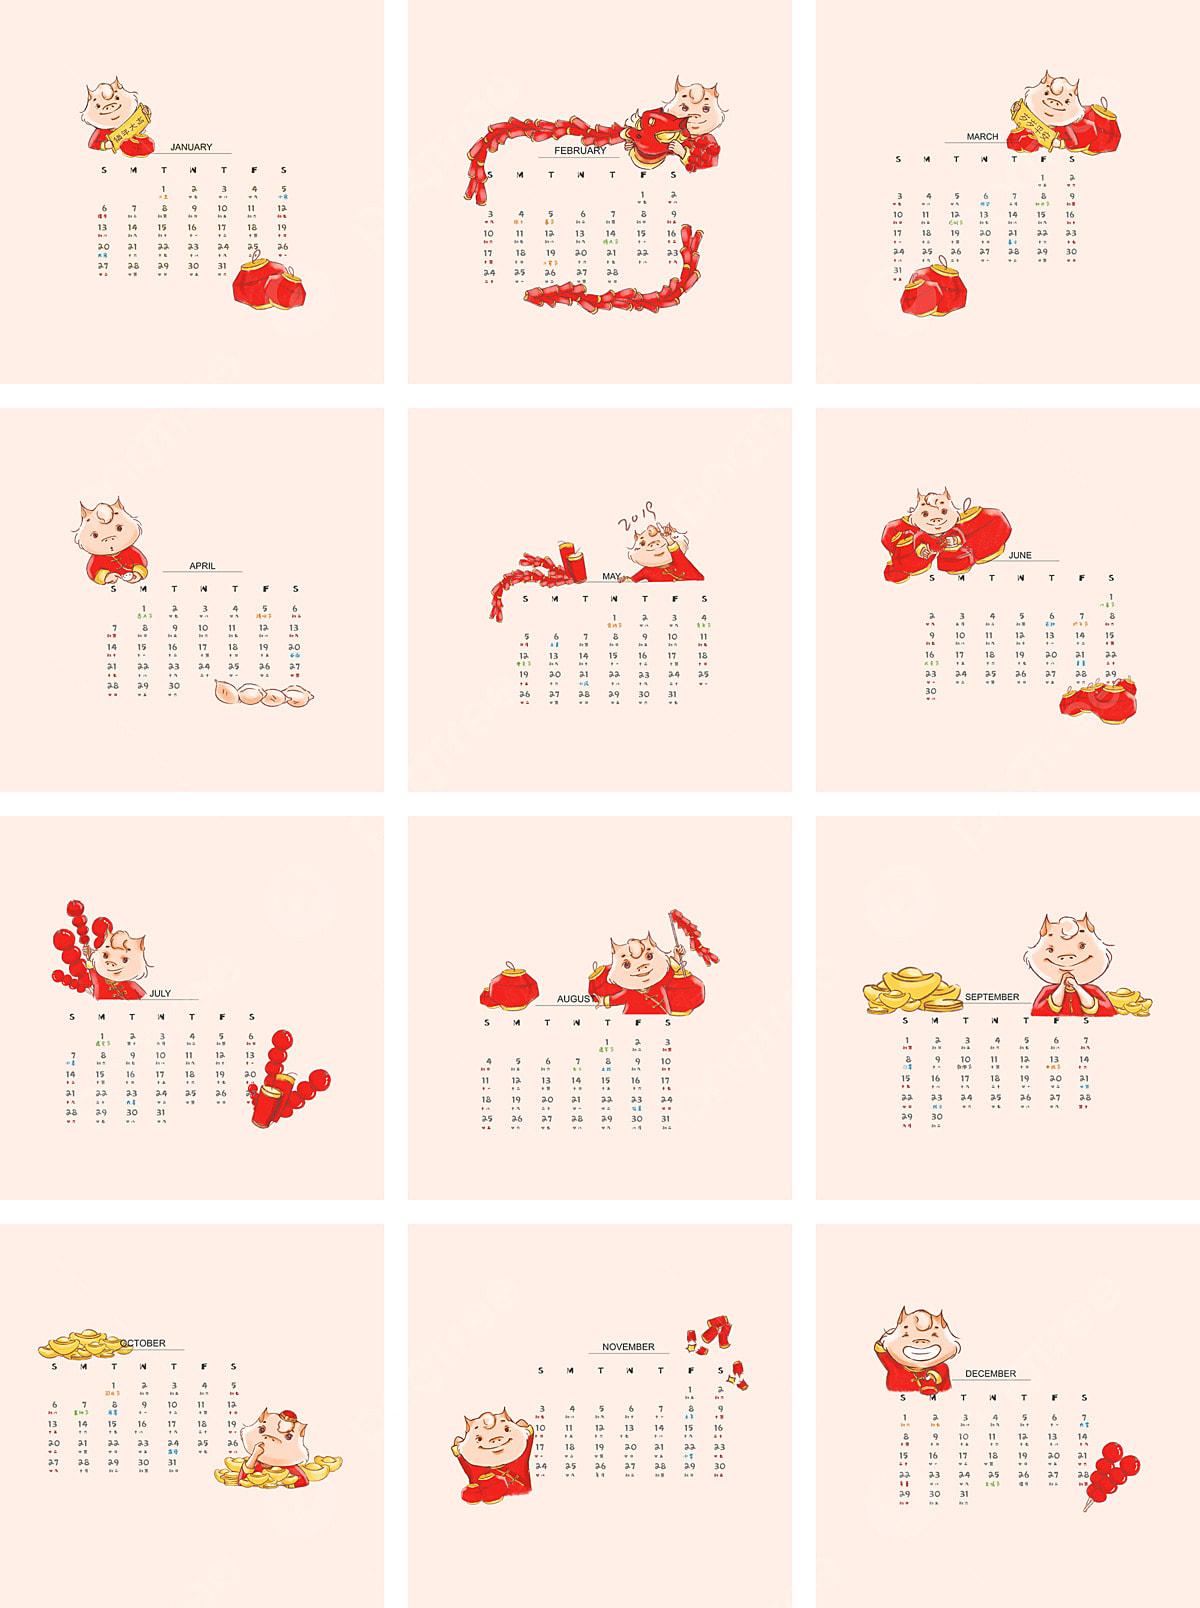 Actualizar Calendario.2019 Calendario 2019 Ano Del Cerdo Calendario De Escritorio